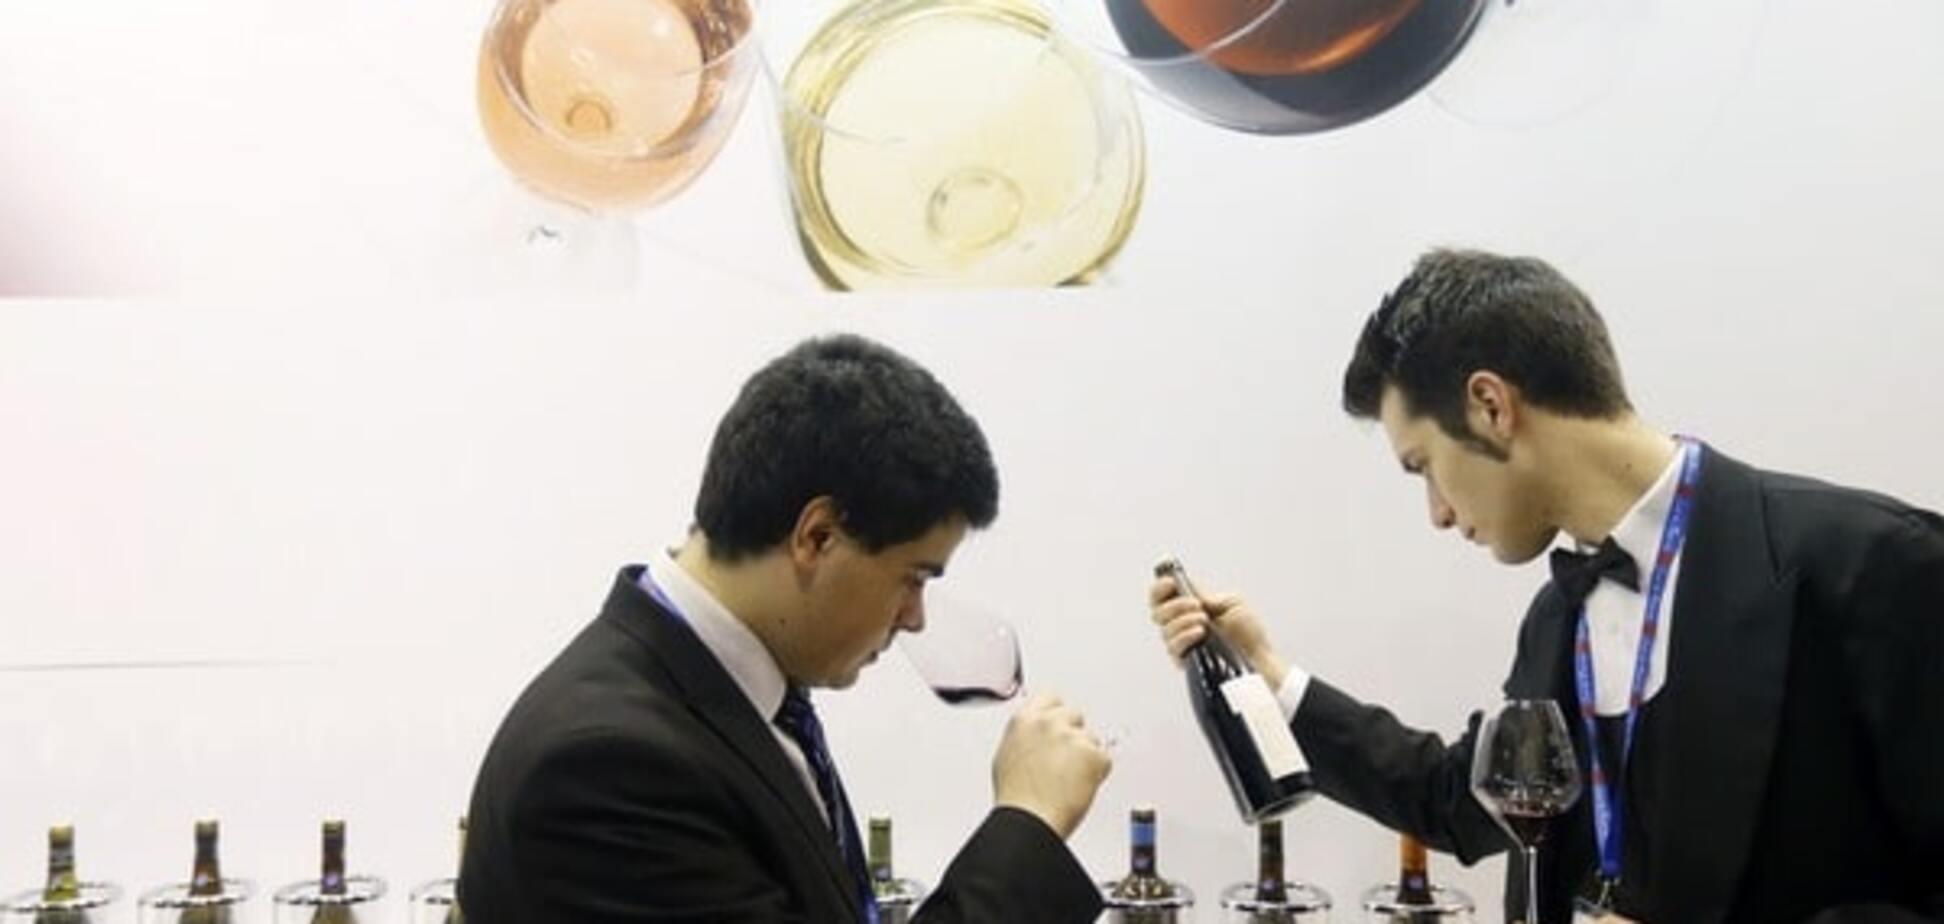 Пийте на здоров'я: вчені здивували новою нормою споживання алкоголю